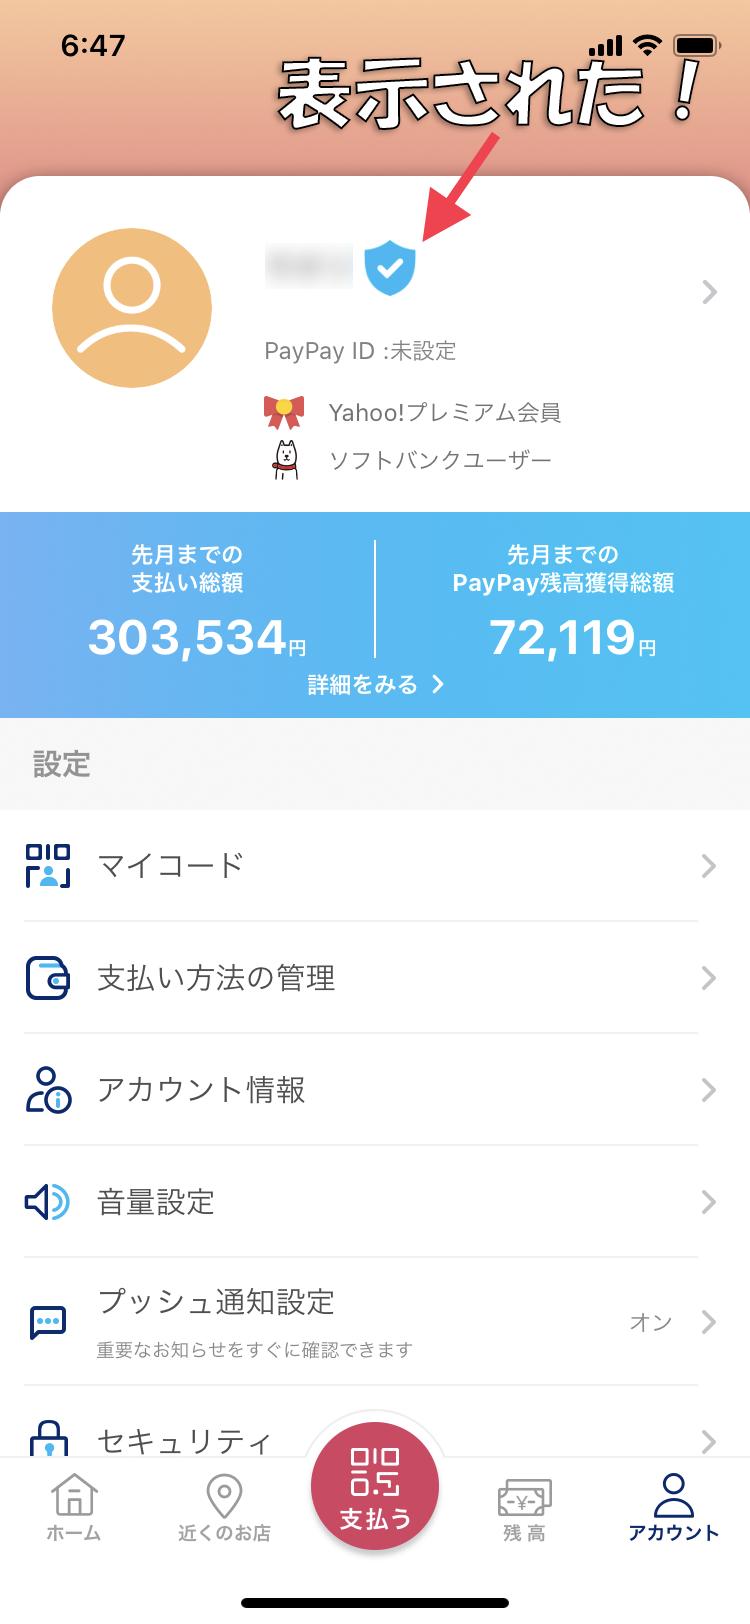 PayPay(ペイペイ)の青いバッジ条件とは?上限額を上げる方法